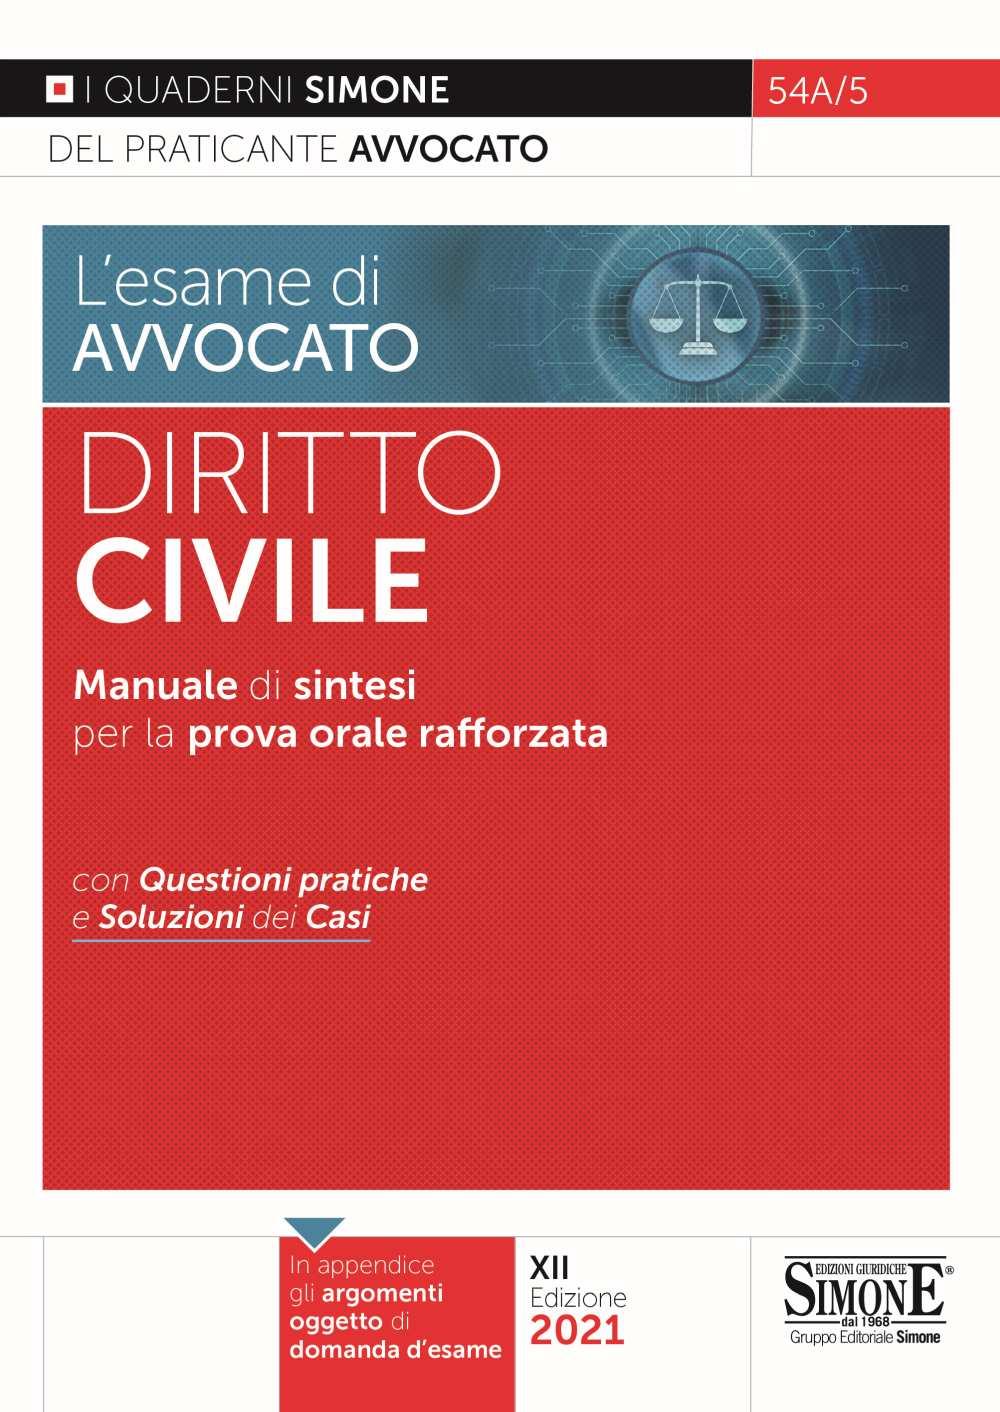 esame avvocato Diritto Civile 2021